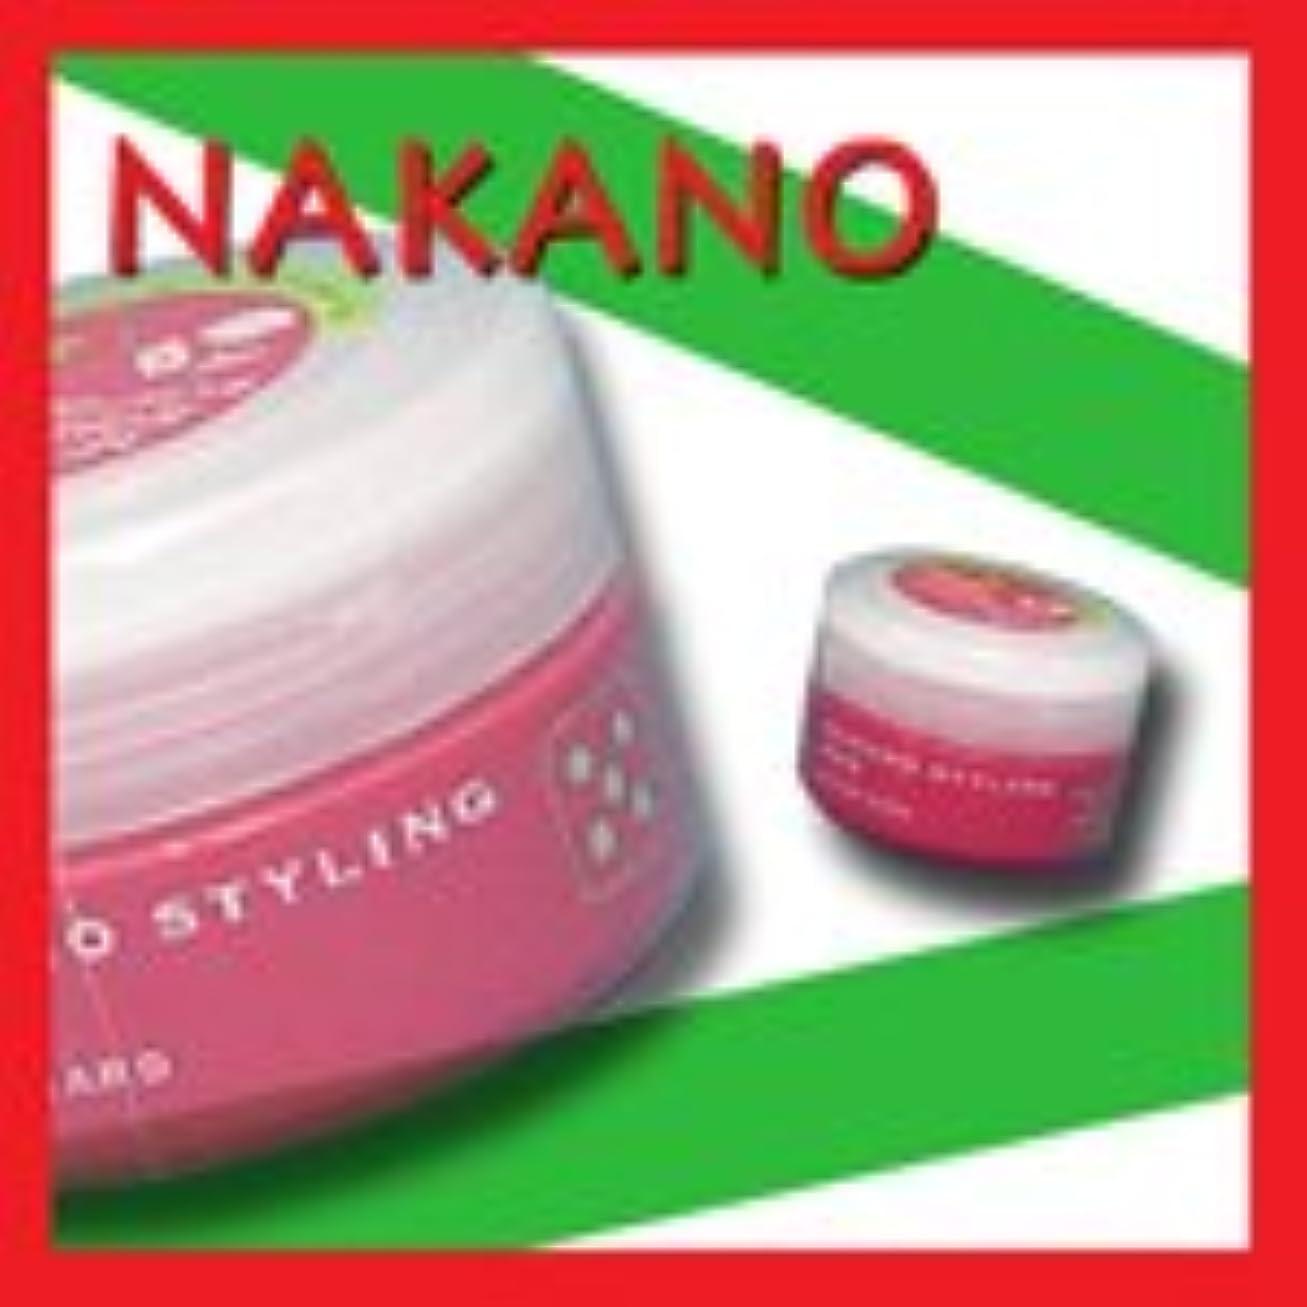 モロニック幻想的ドキドキNAKANO ナカノ WAX no5 (NAKANO ナカノ スタイリング ワックス)